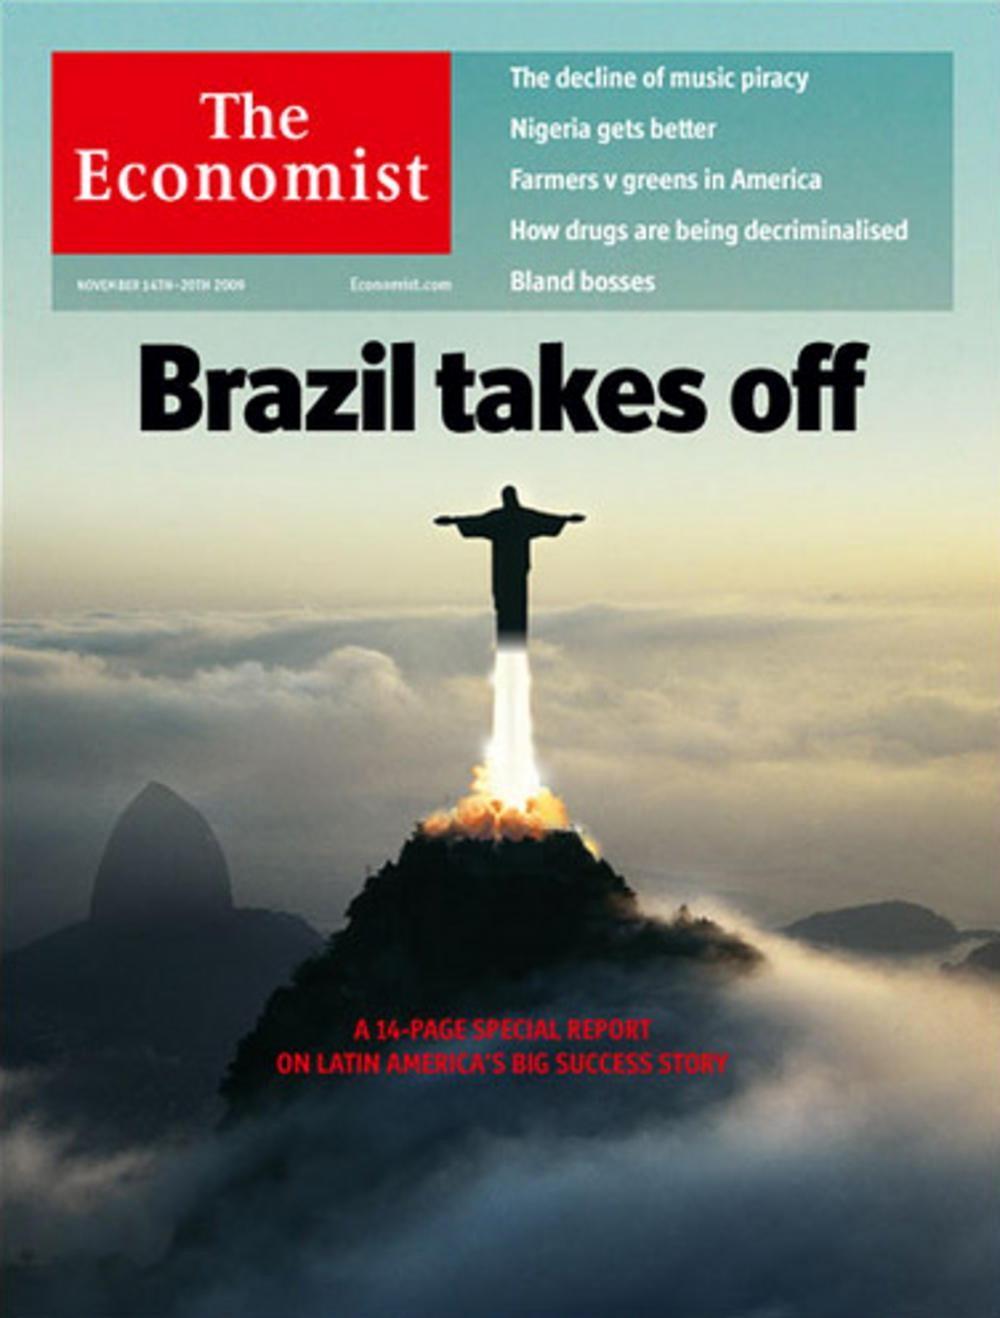 Capa da The Economist de 2009 (Foto: Divulgação)